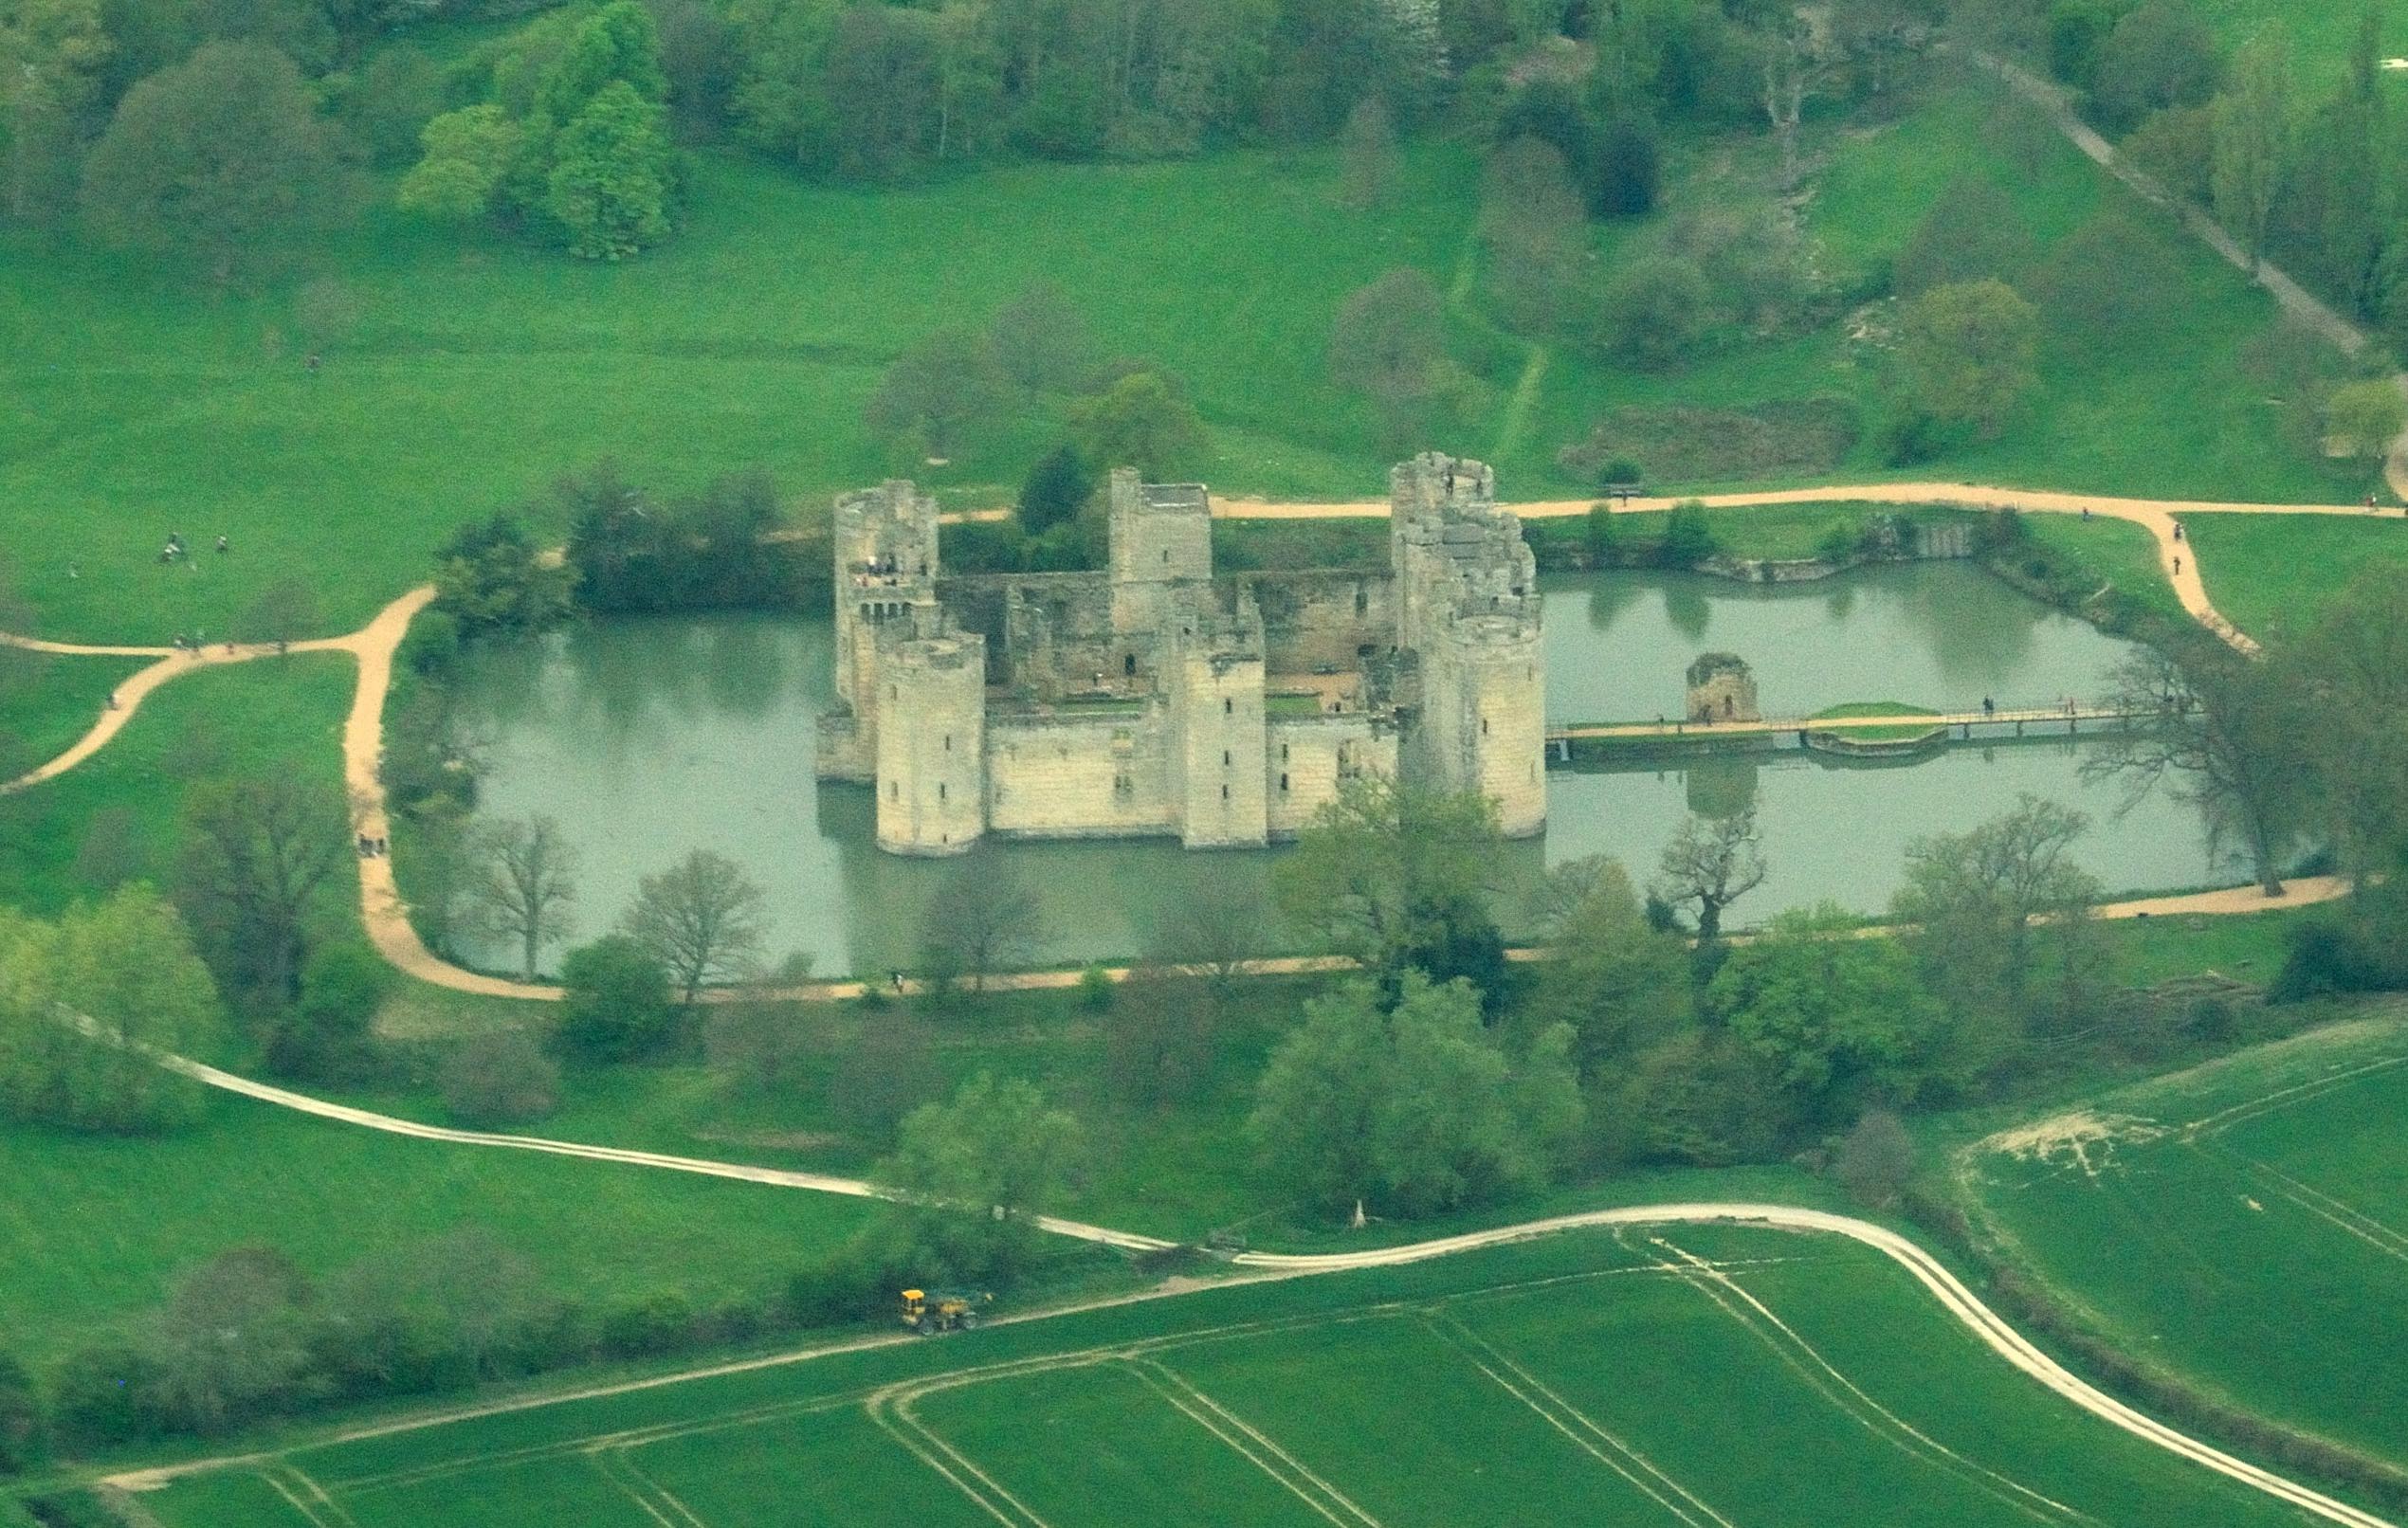 File:Bodiam Castle Aerial View